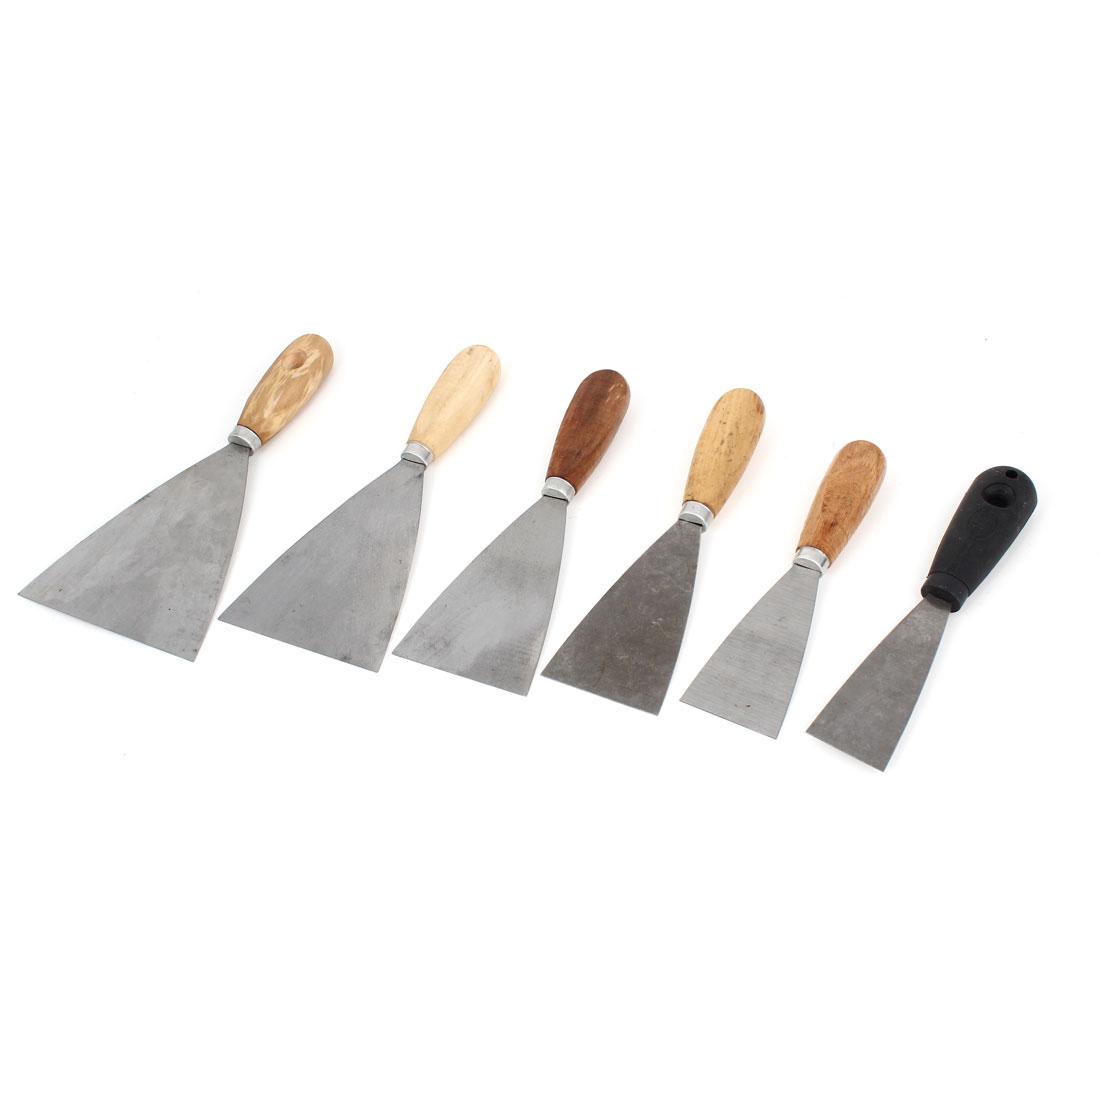 6 in 1 Set Metal Blade Anti-slip Handle Drywall Wall Repair Tool Putty Scraper